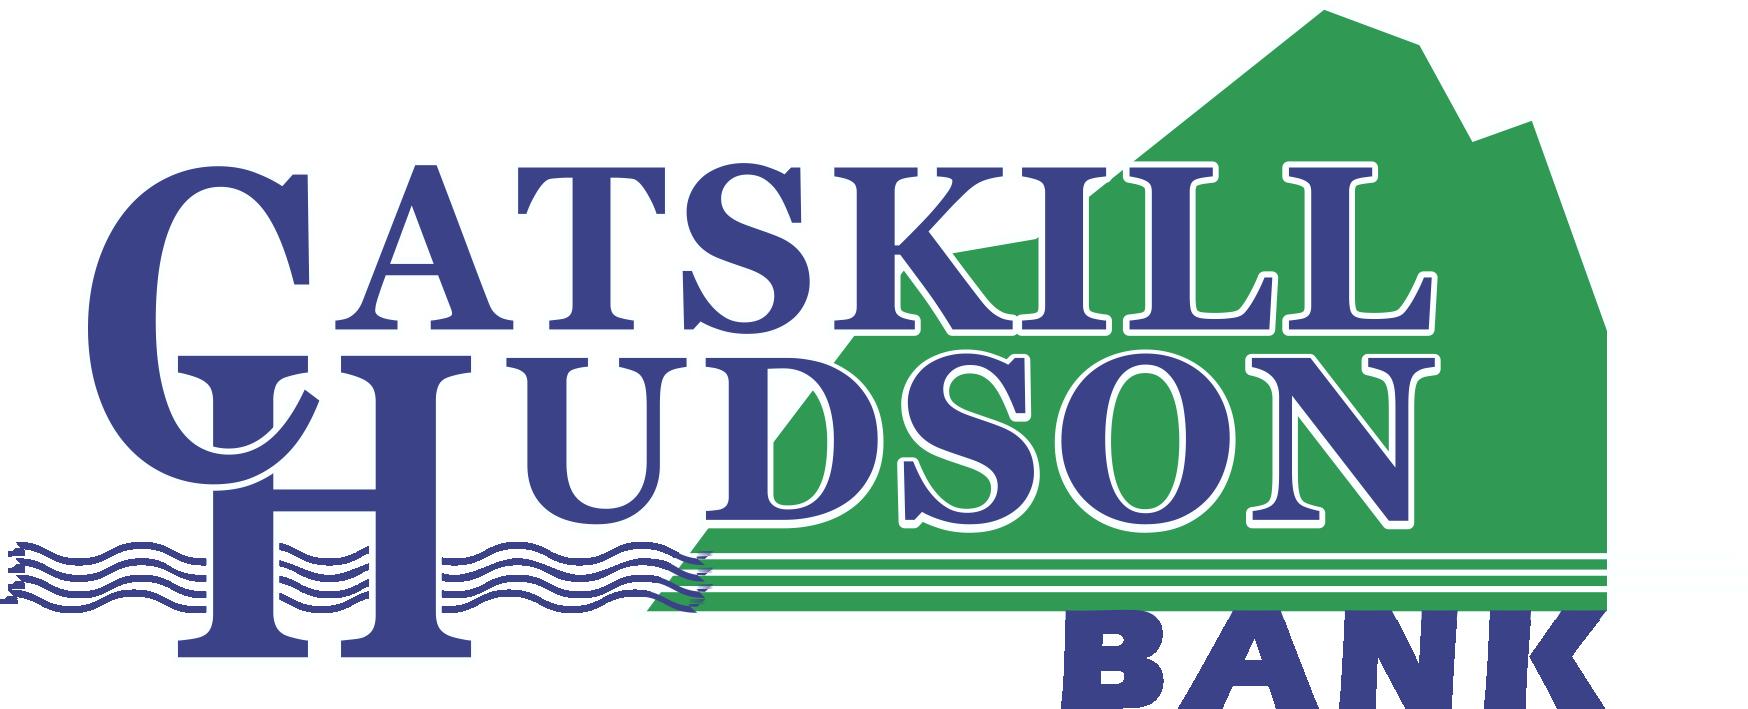 Catskill Hudson 銀行